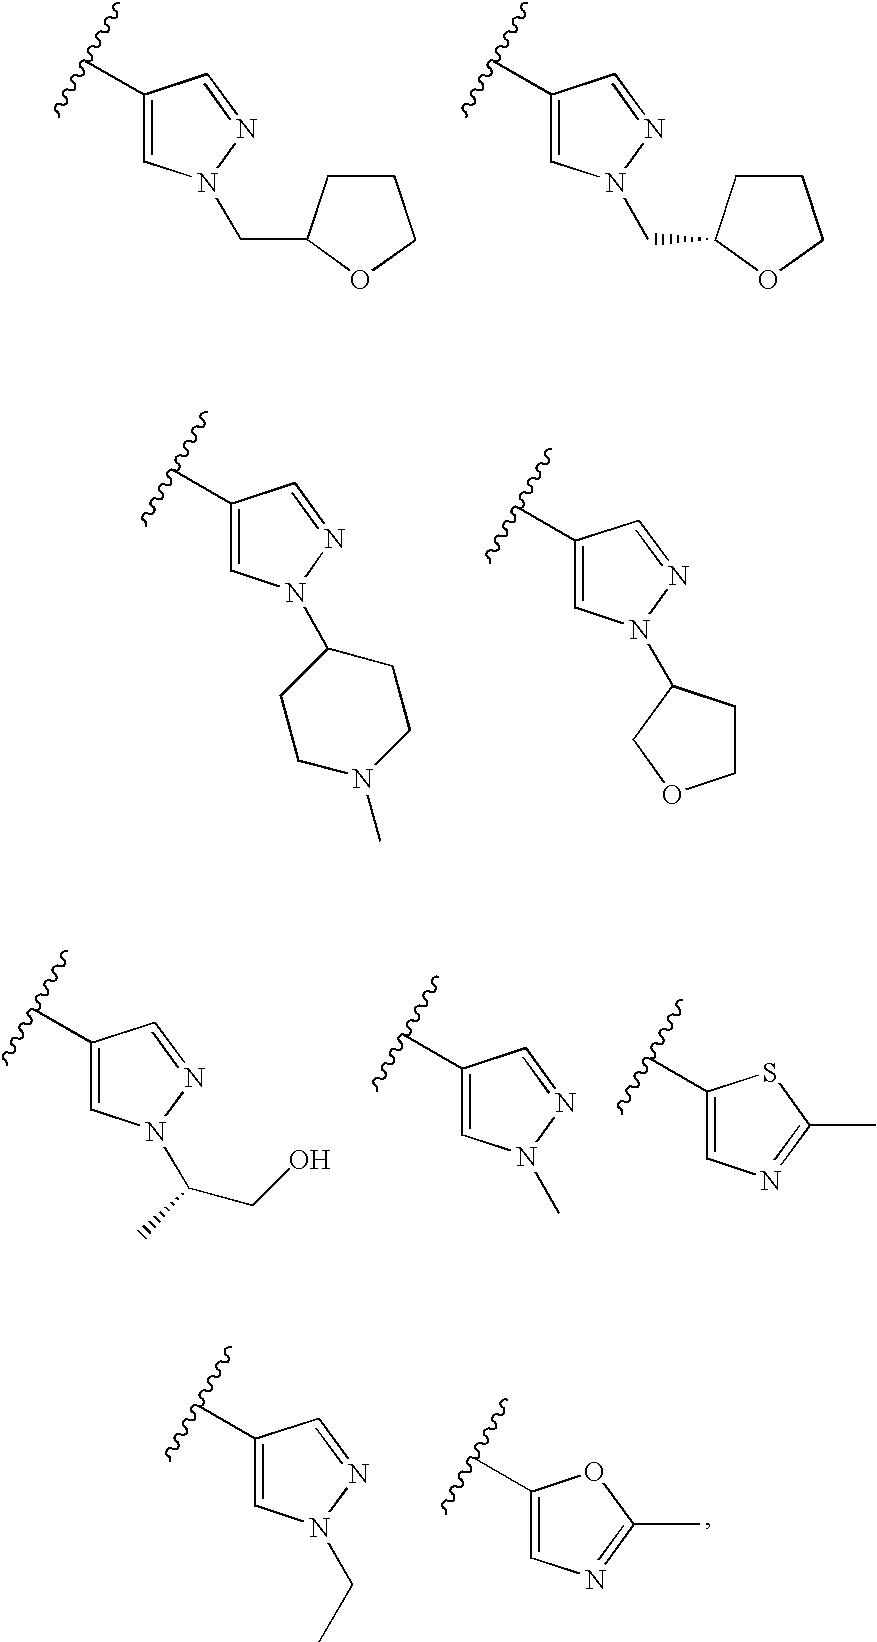 US20100035875A1 - Triazolopyridine jak inhibitor compounds